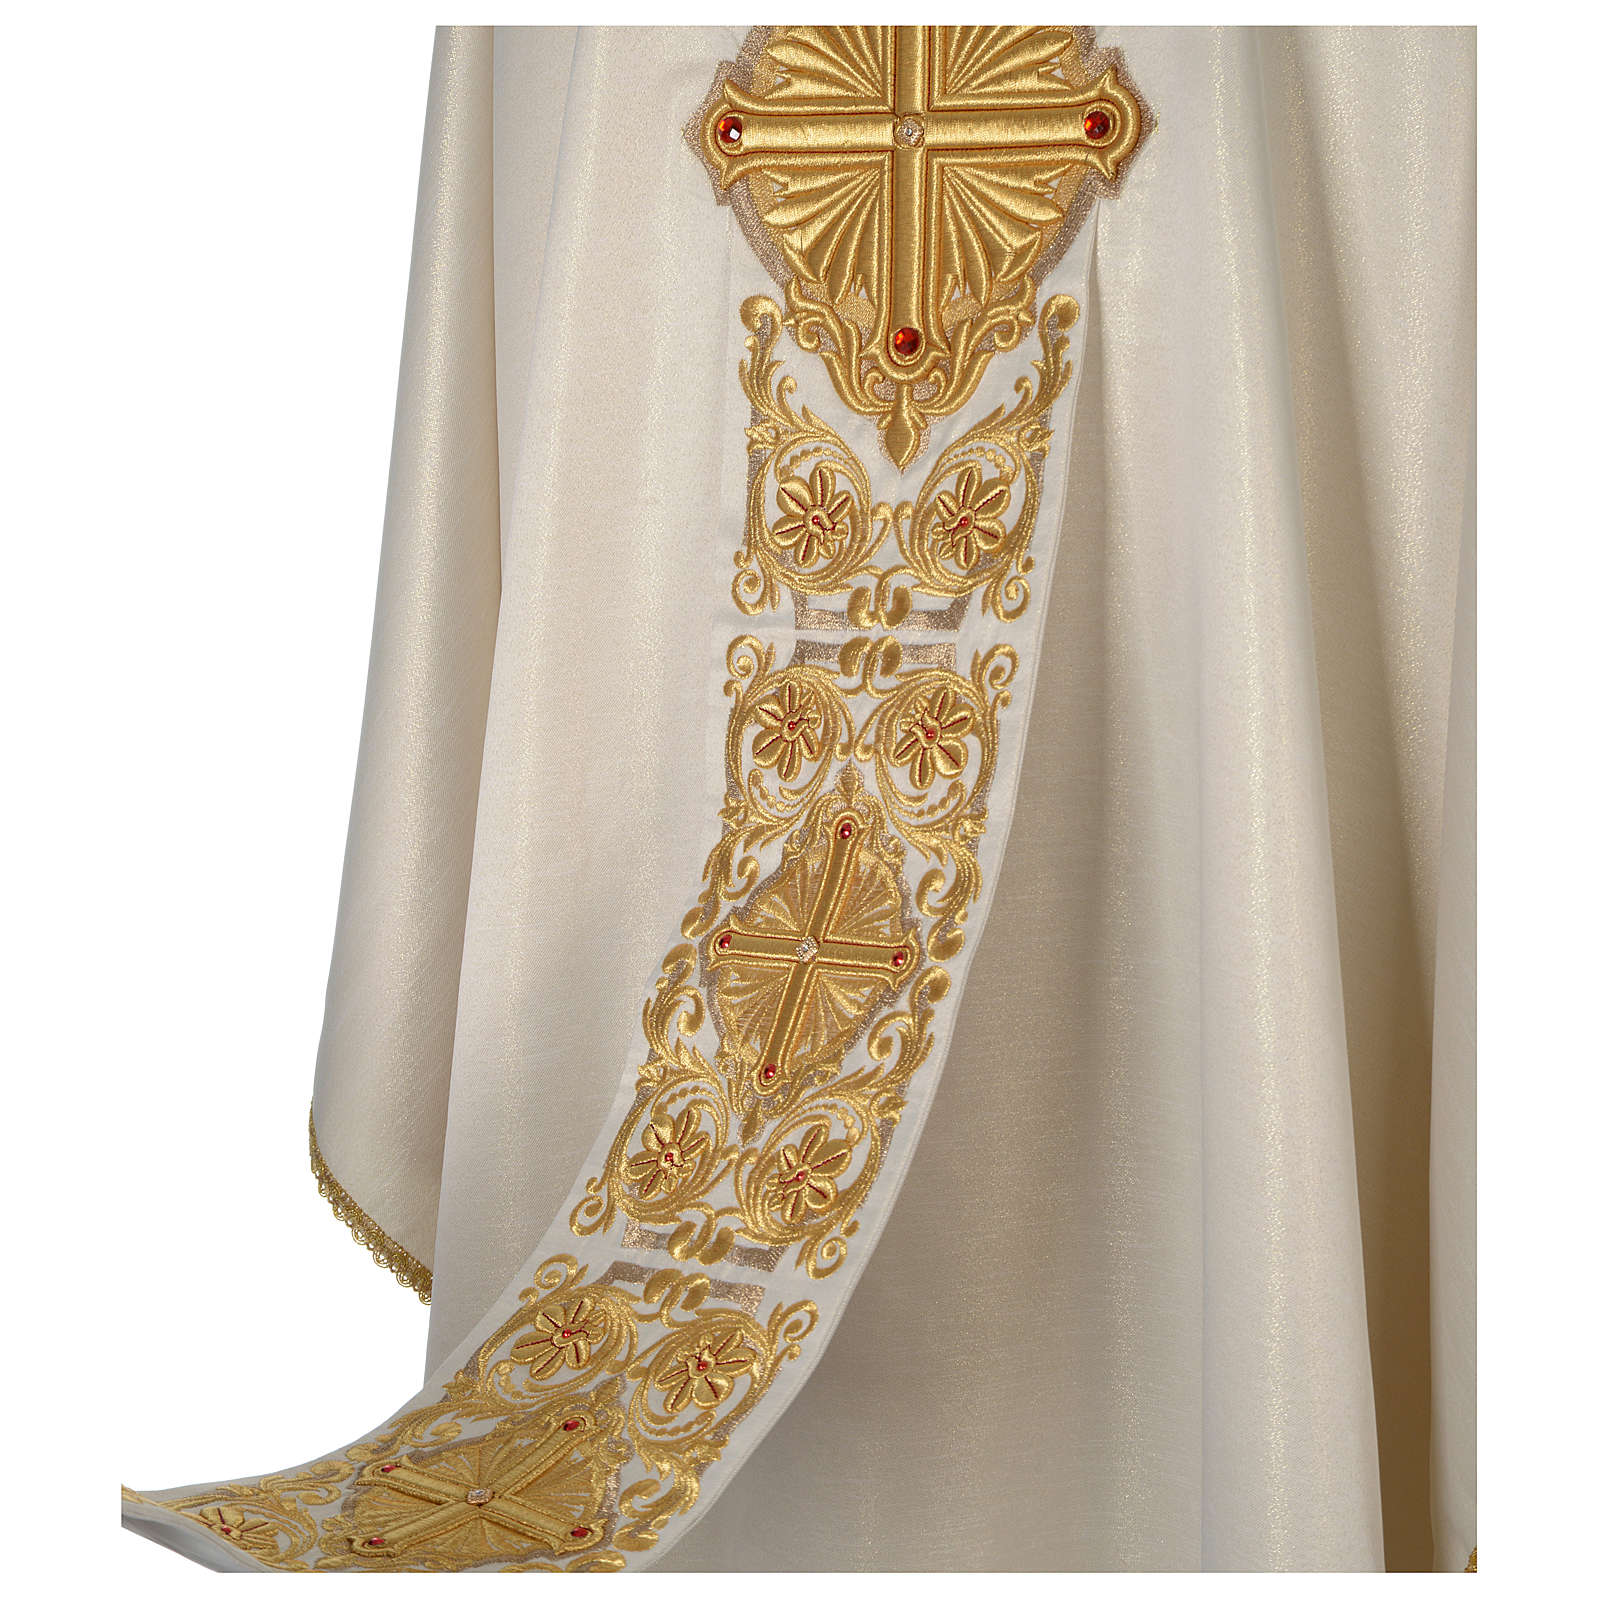 Casula avorio Limited Edition ricco decoro oro pietre 4